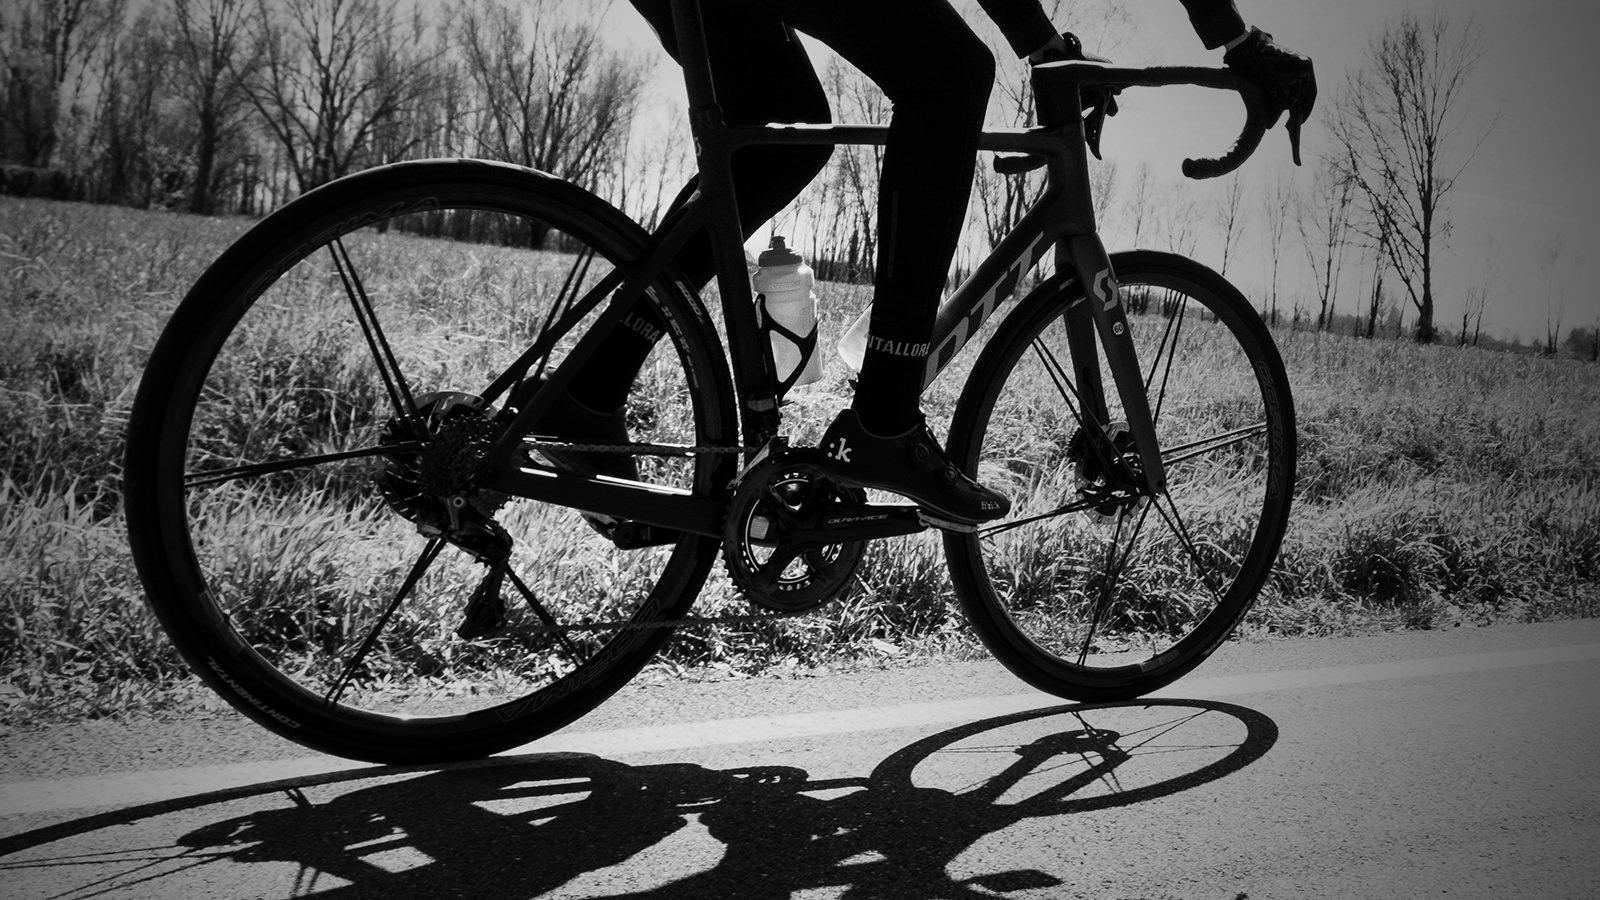 Test Biomeccanico Ciclismo - Lunghezza della pedivella